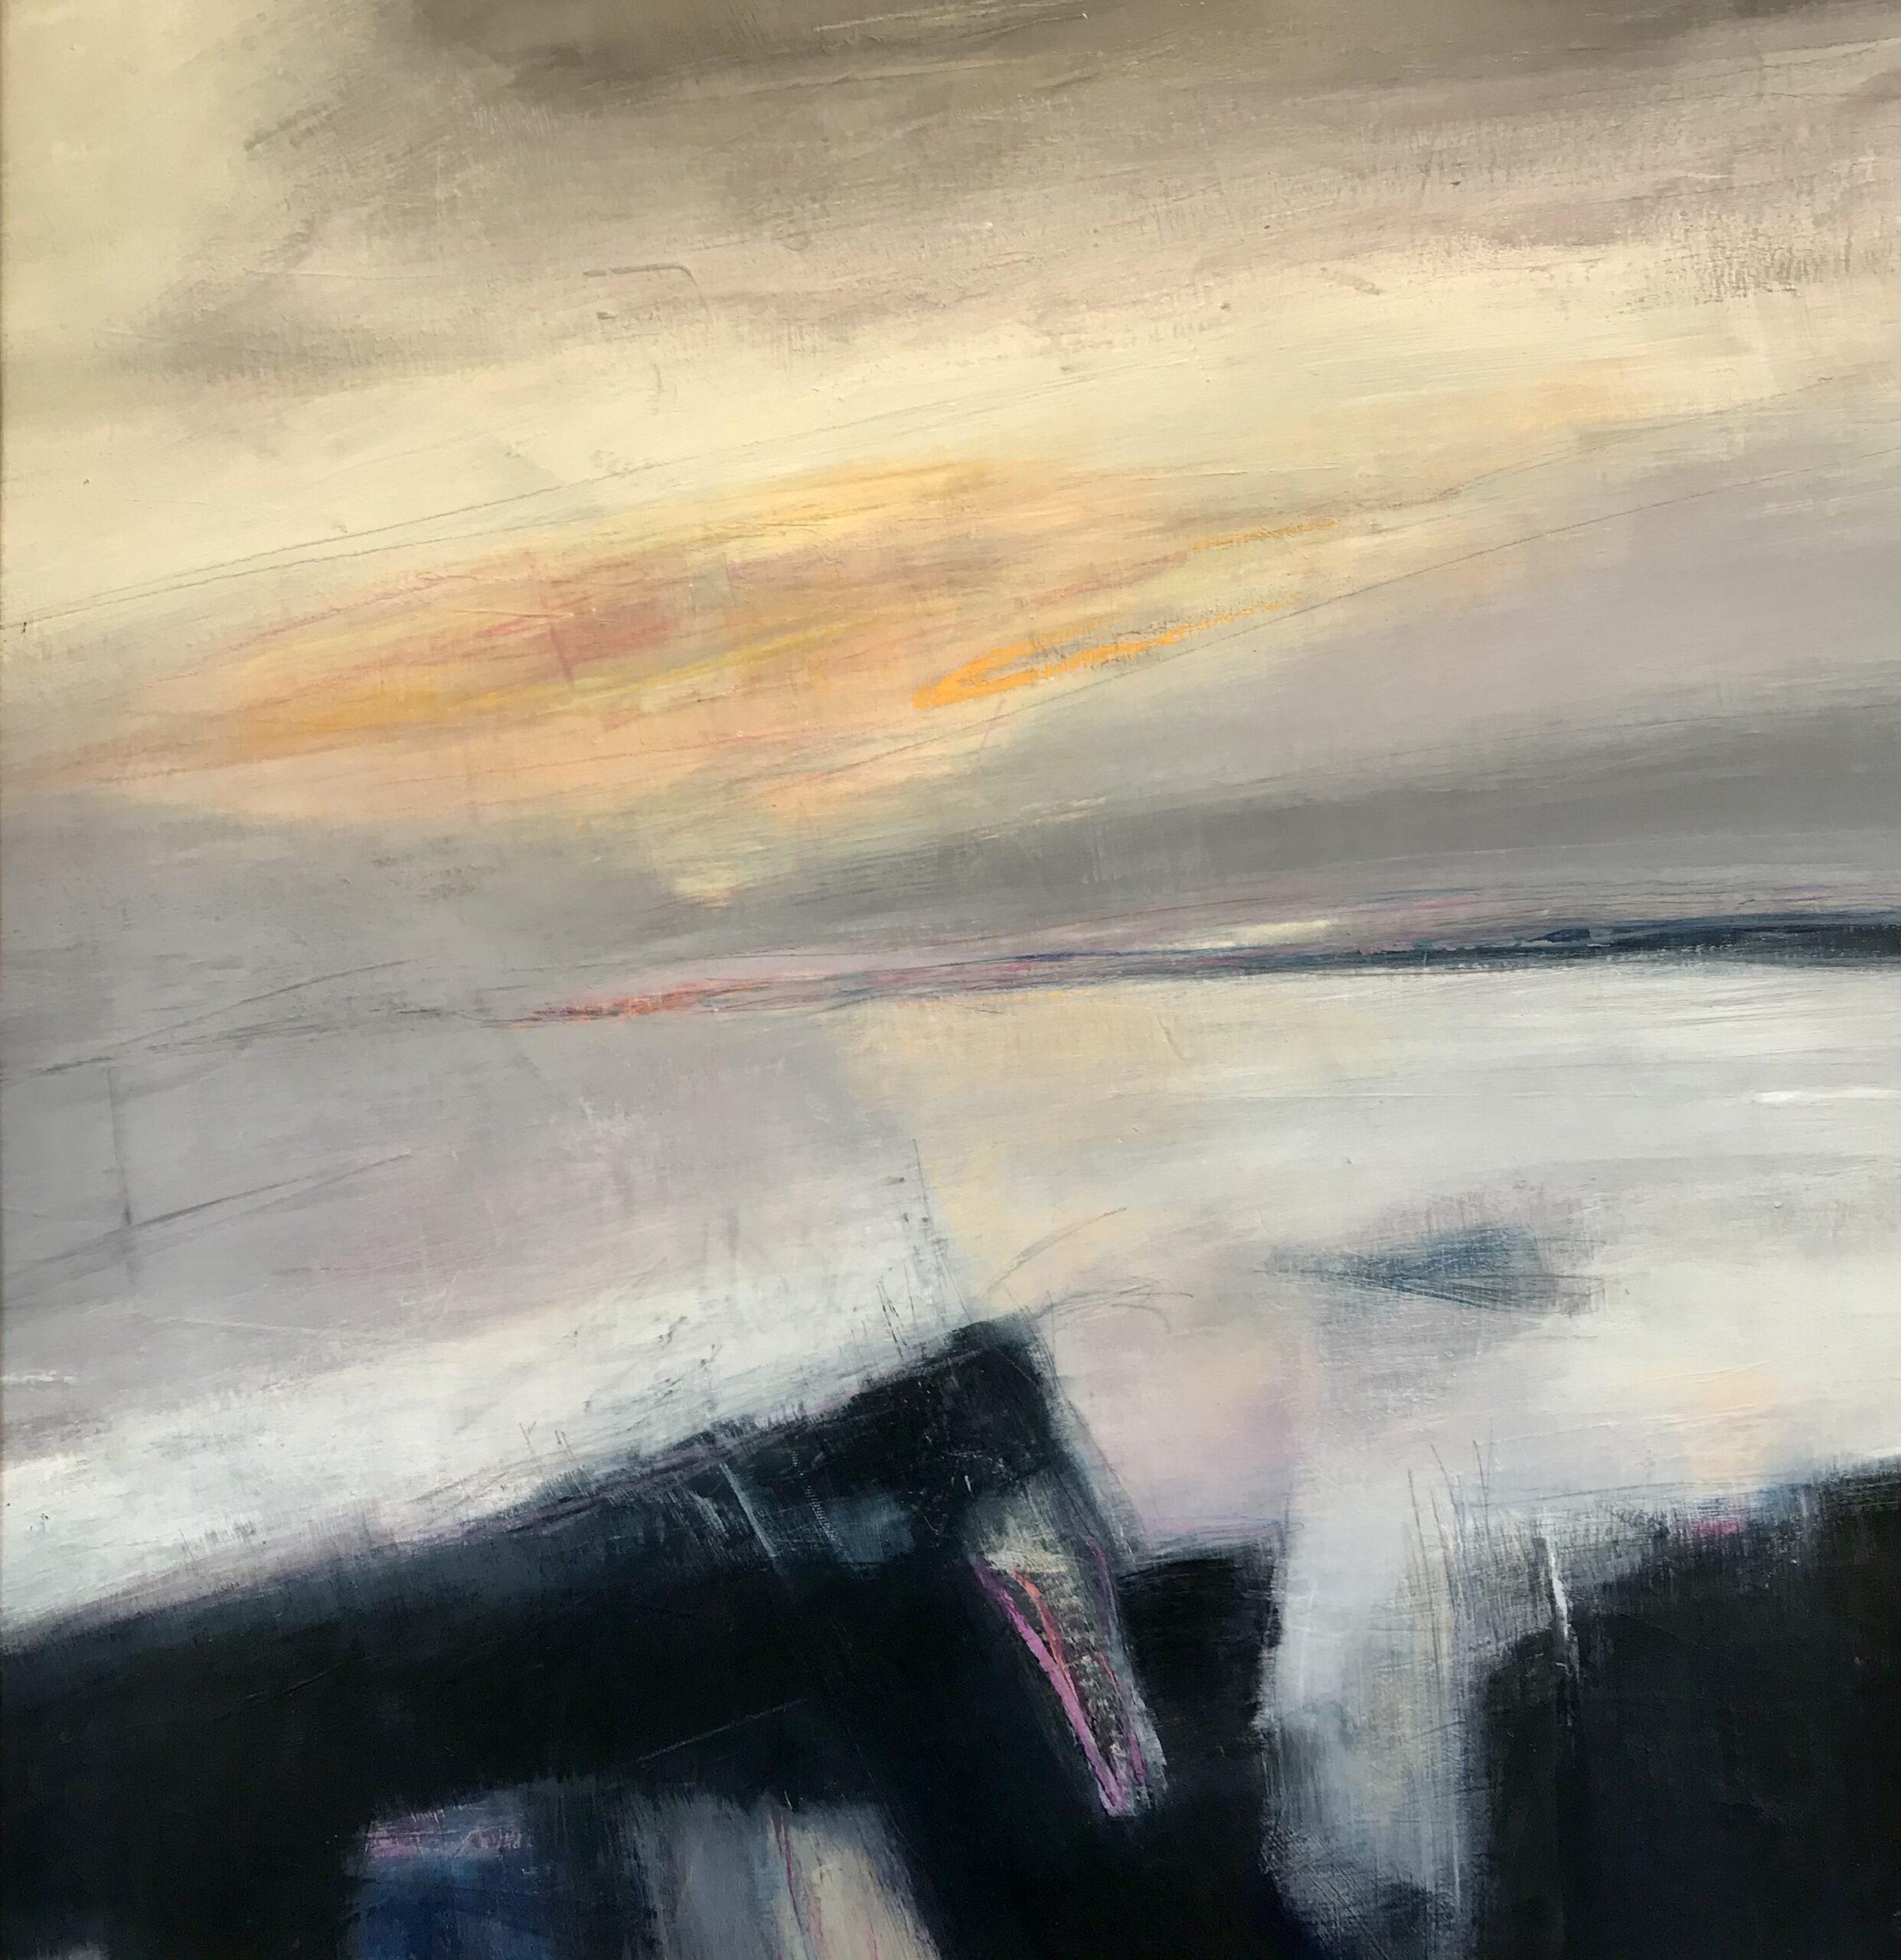 Annie Green, The sky grew dark, mixed media on board,- 64x64cm framed